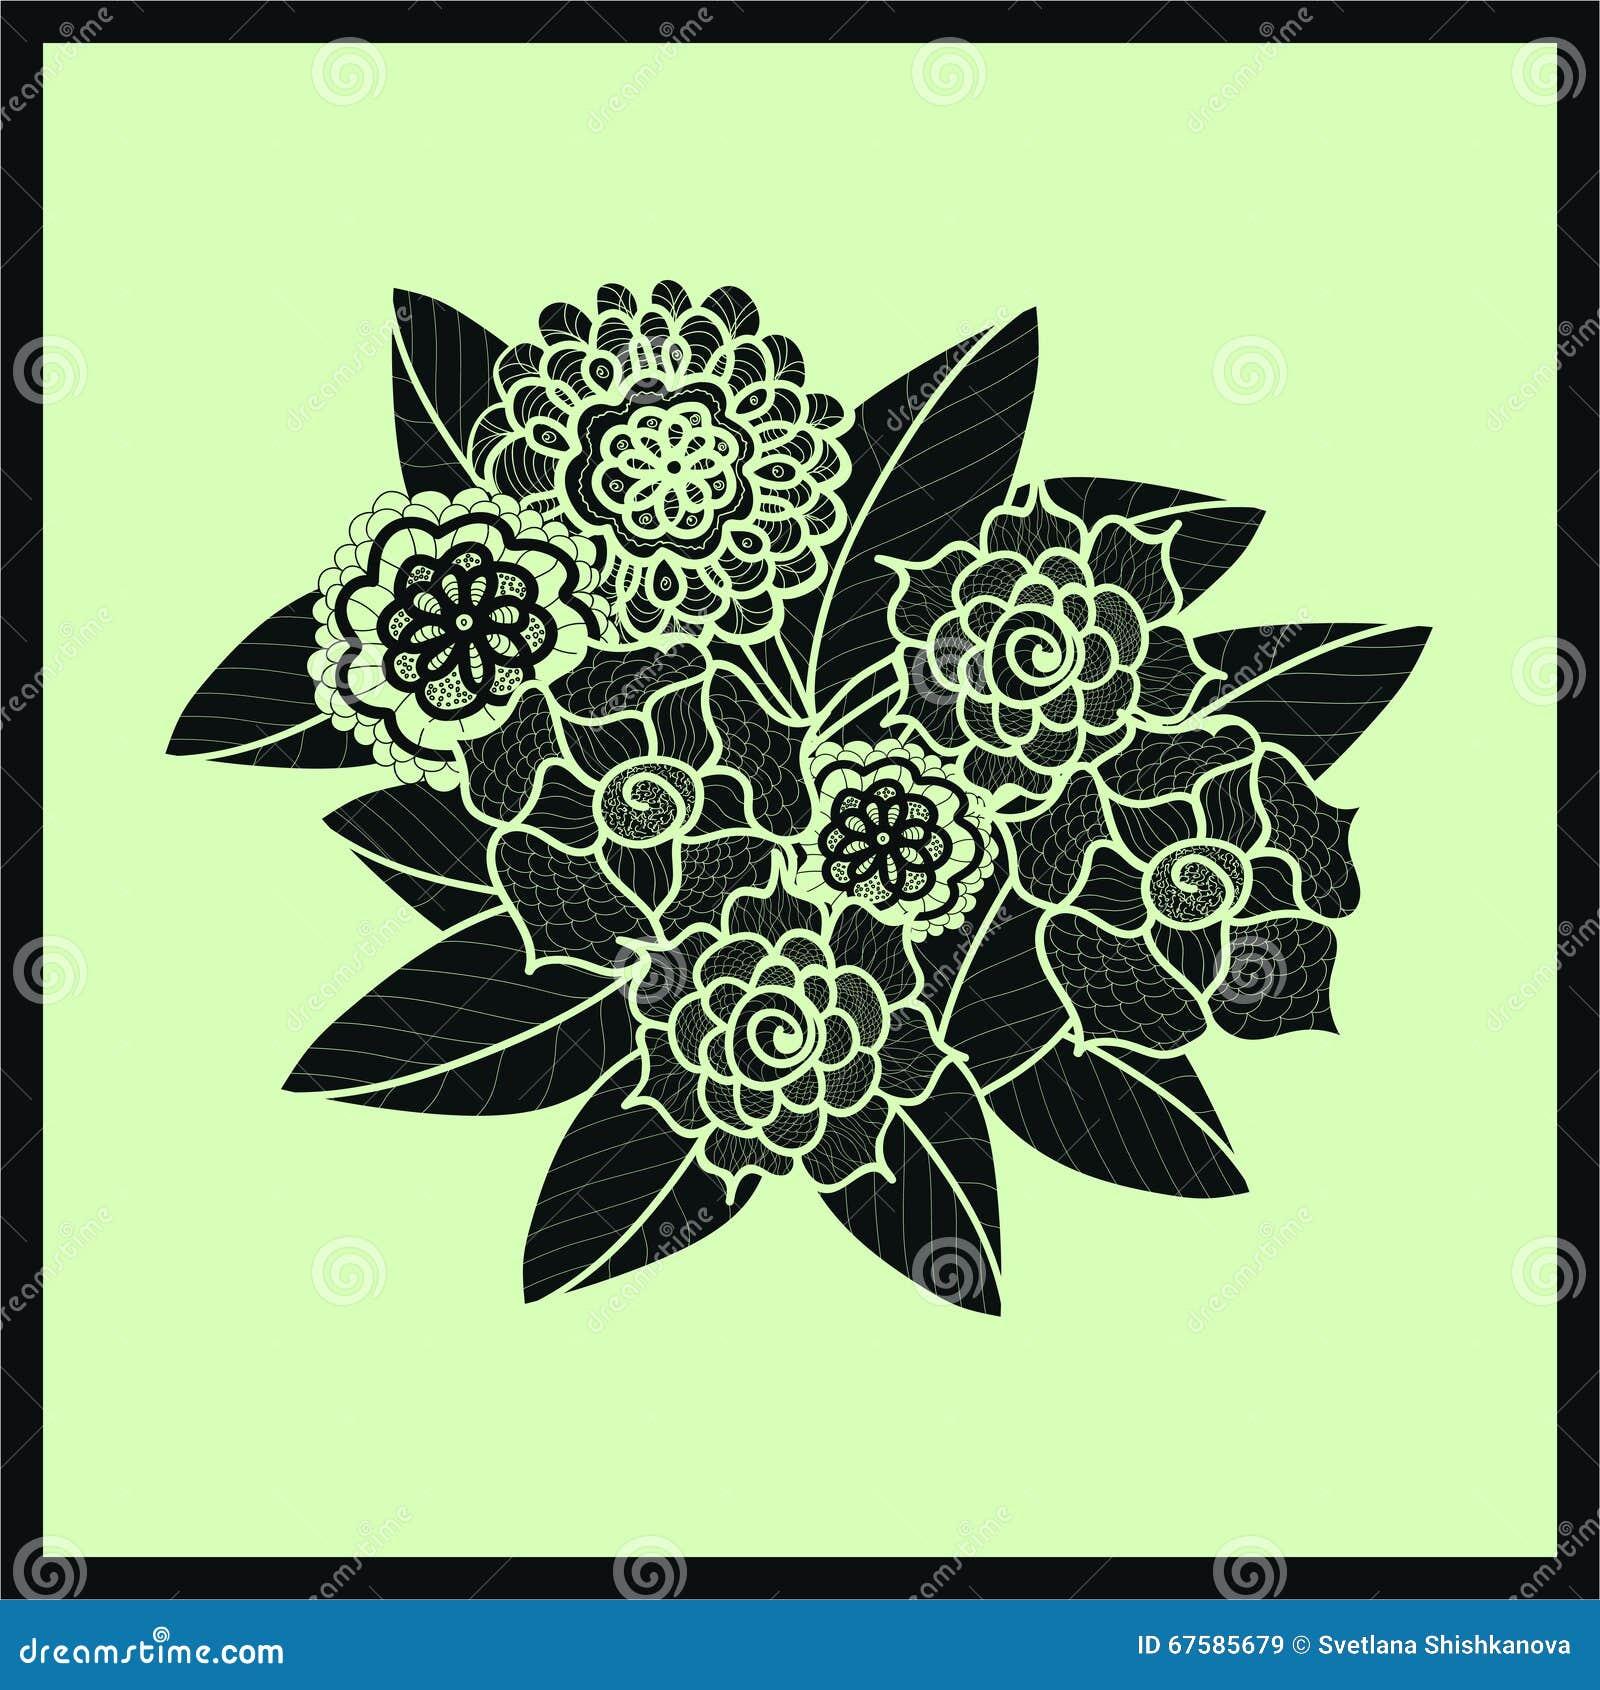 download schne gekritzelkunstblumen zentangle muster hand gezeichnet vektor abbildung illustration von blatt nett - Zentangle Muster